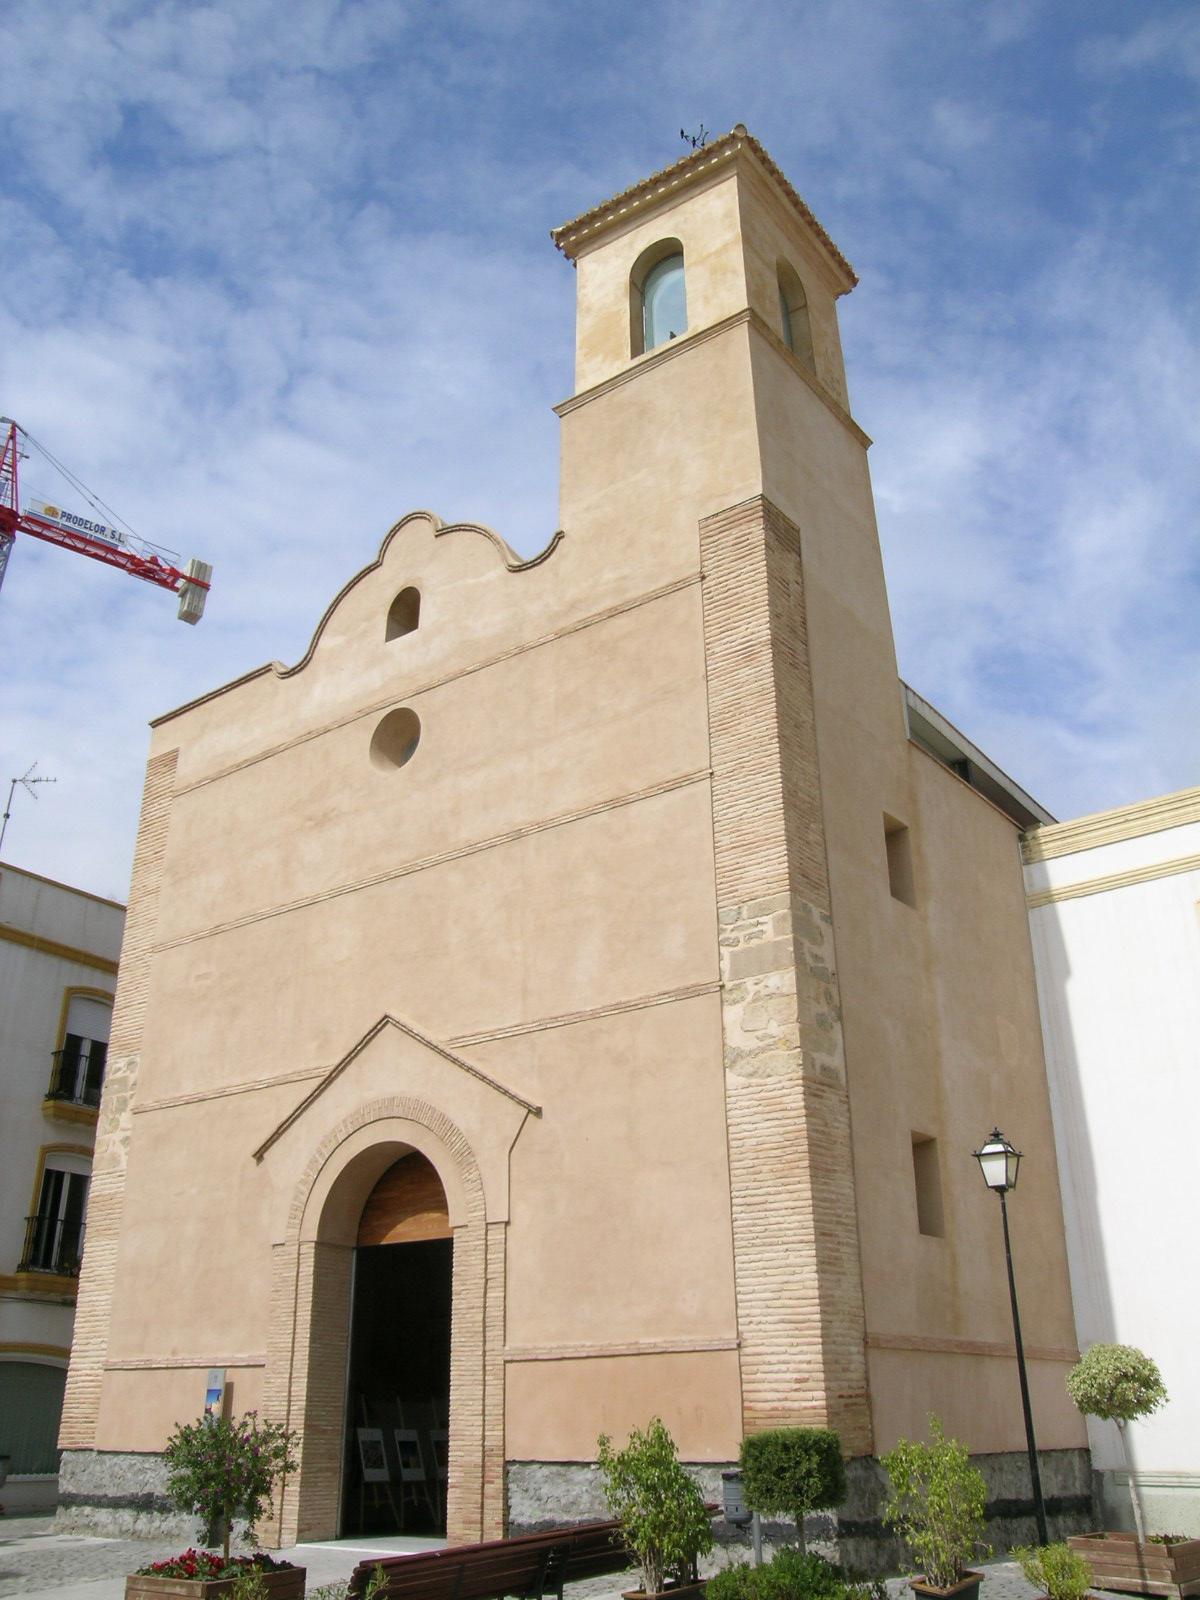 Volumen exterior de la iglesia del antiguo convento de Ntra Sra de la Victoria © Fotografía: Alfonso Ruiz